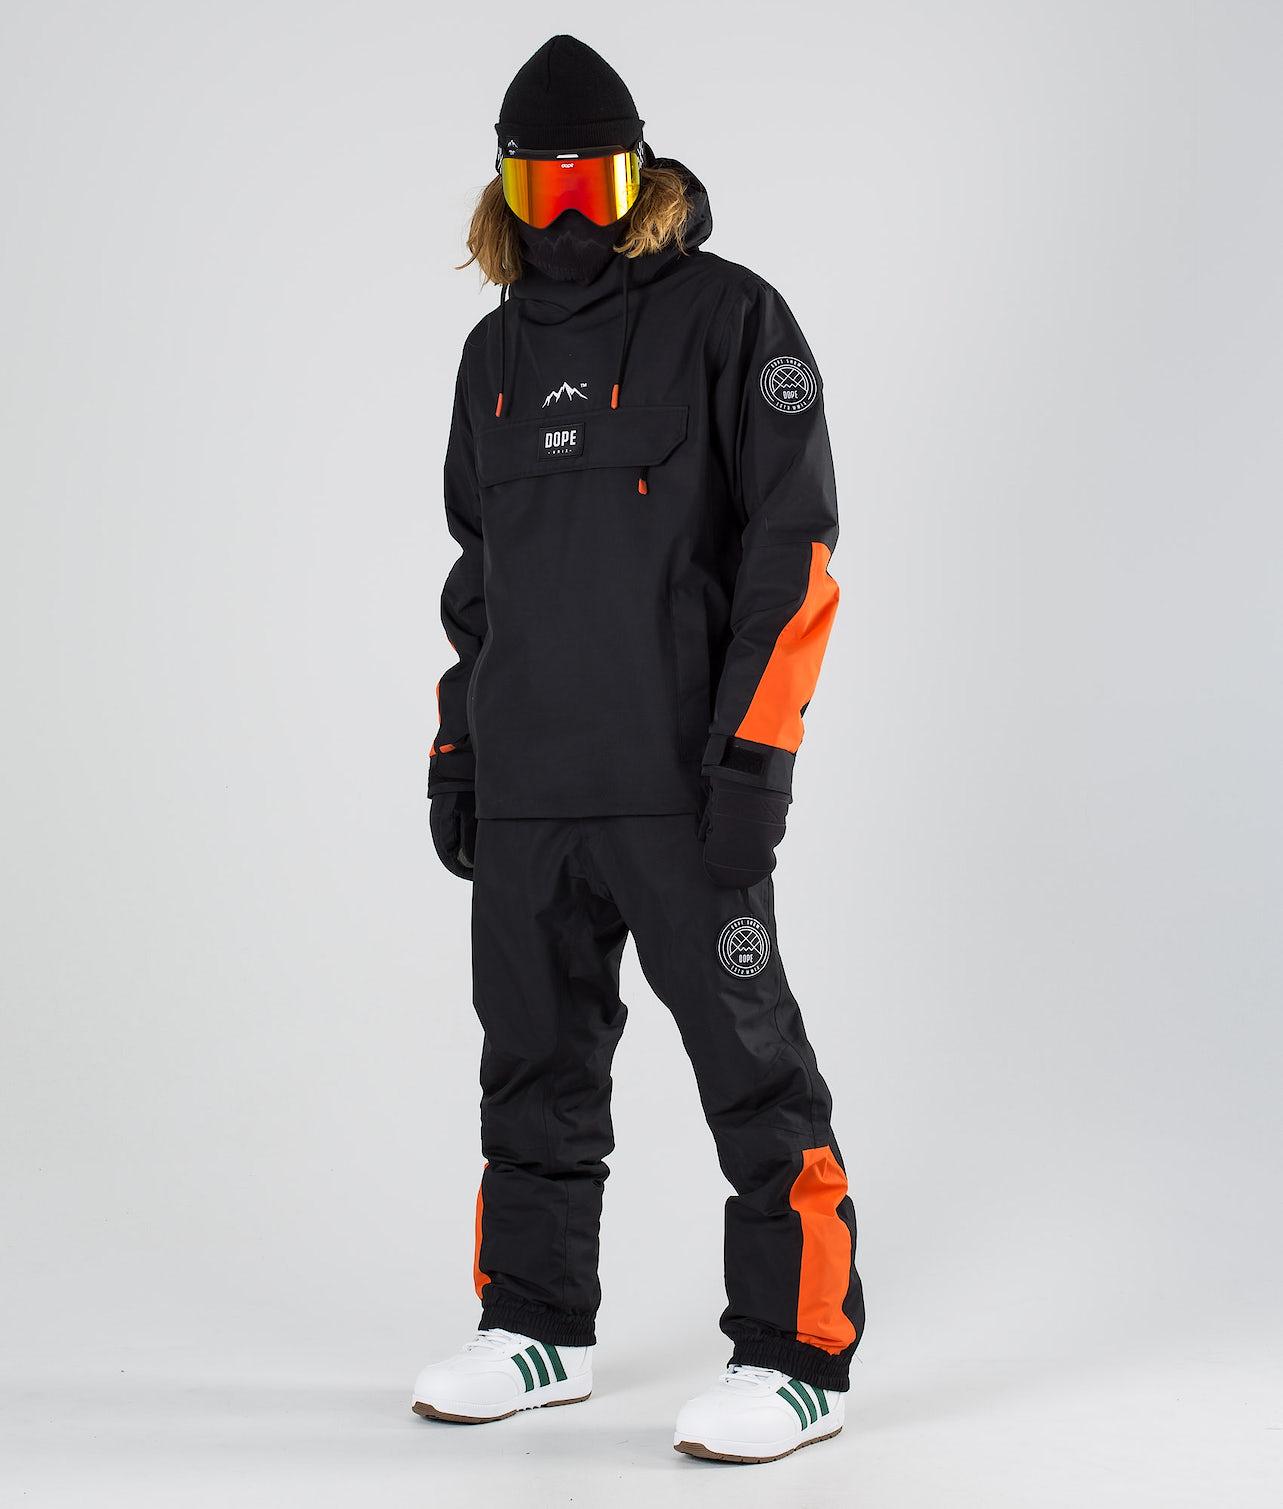 Kjøp Blizzard LE Snowboardbukse fra Dope på Ridestore.no - Hos oss har du alltid fri frakt, fri retur og 30 dagers åpent kjøp!